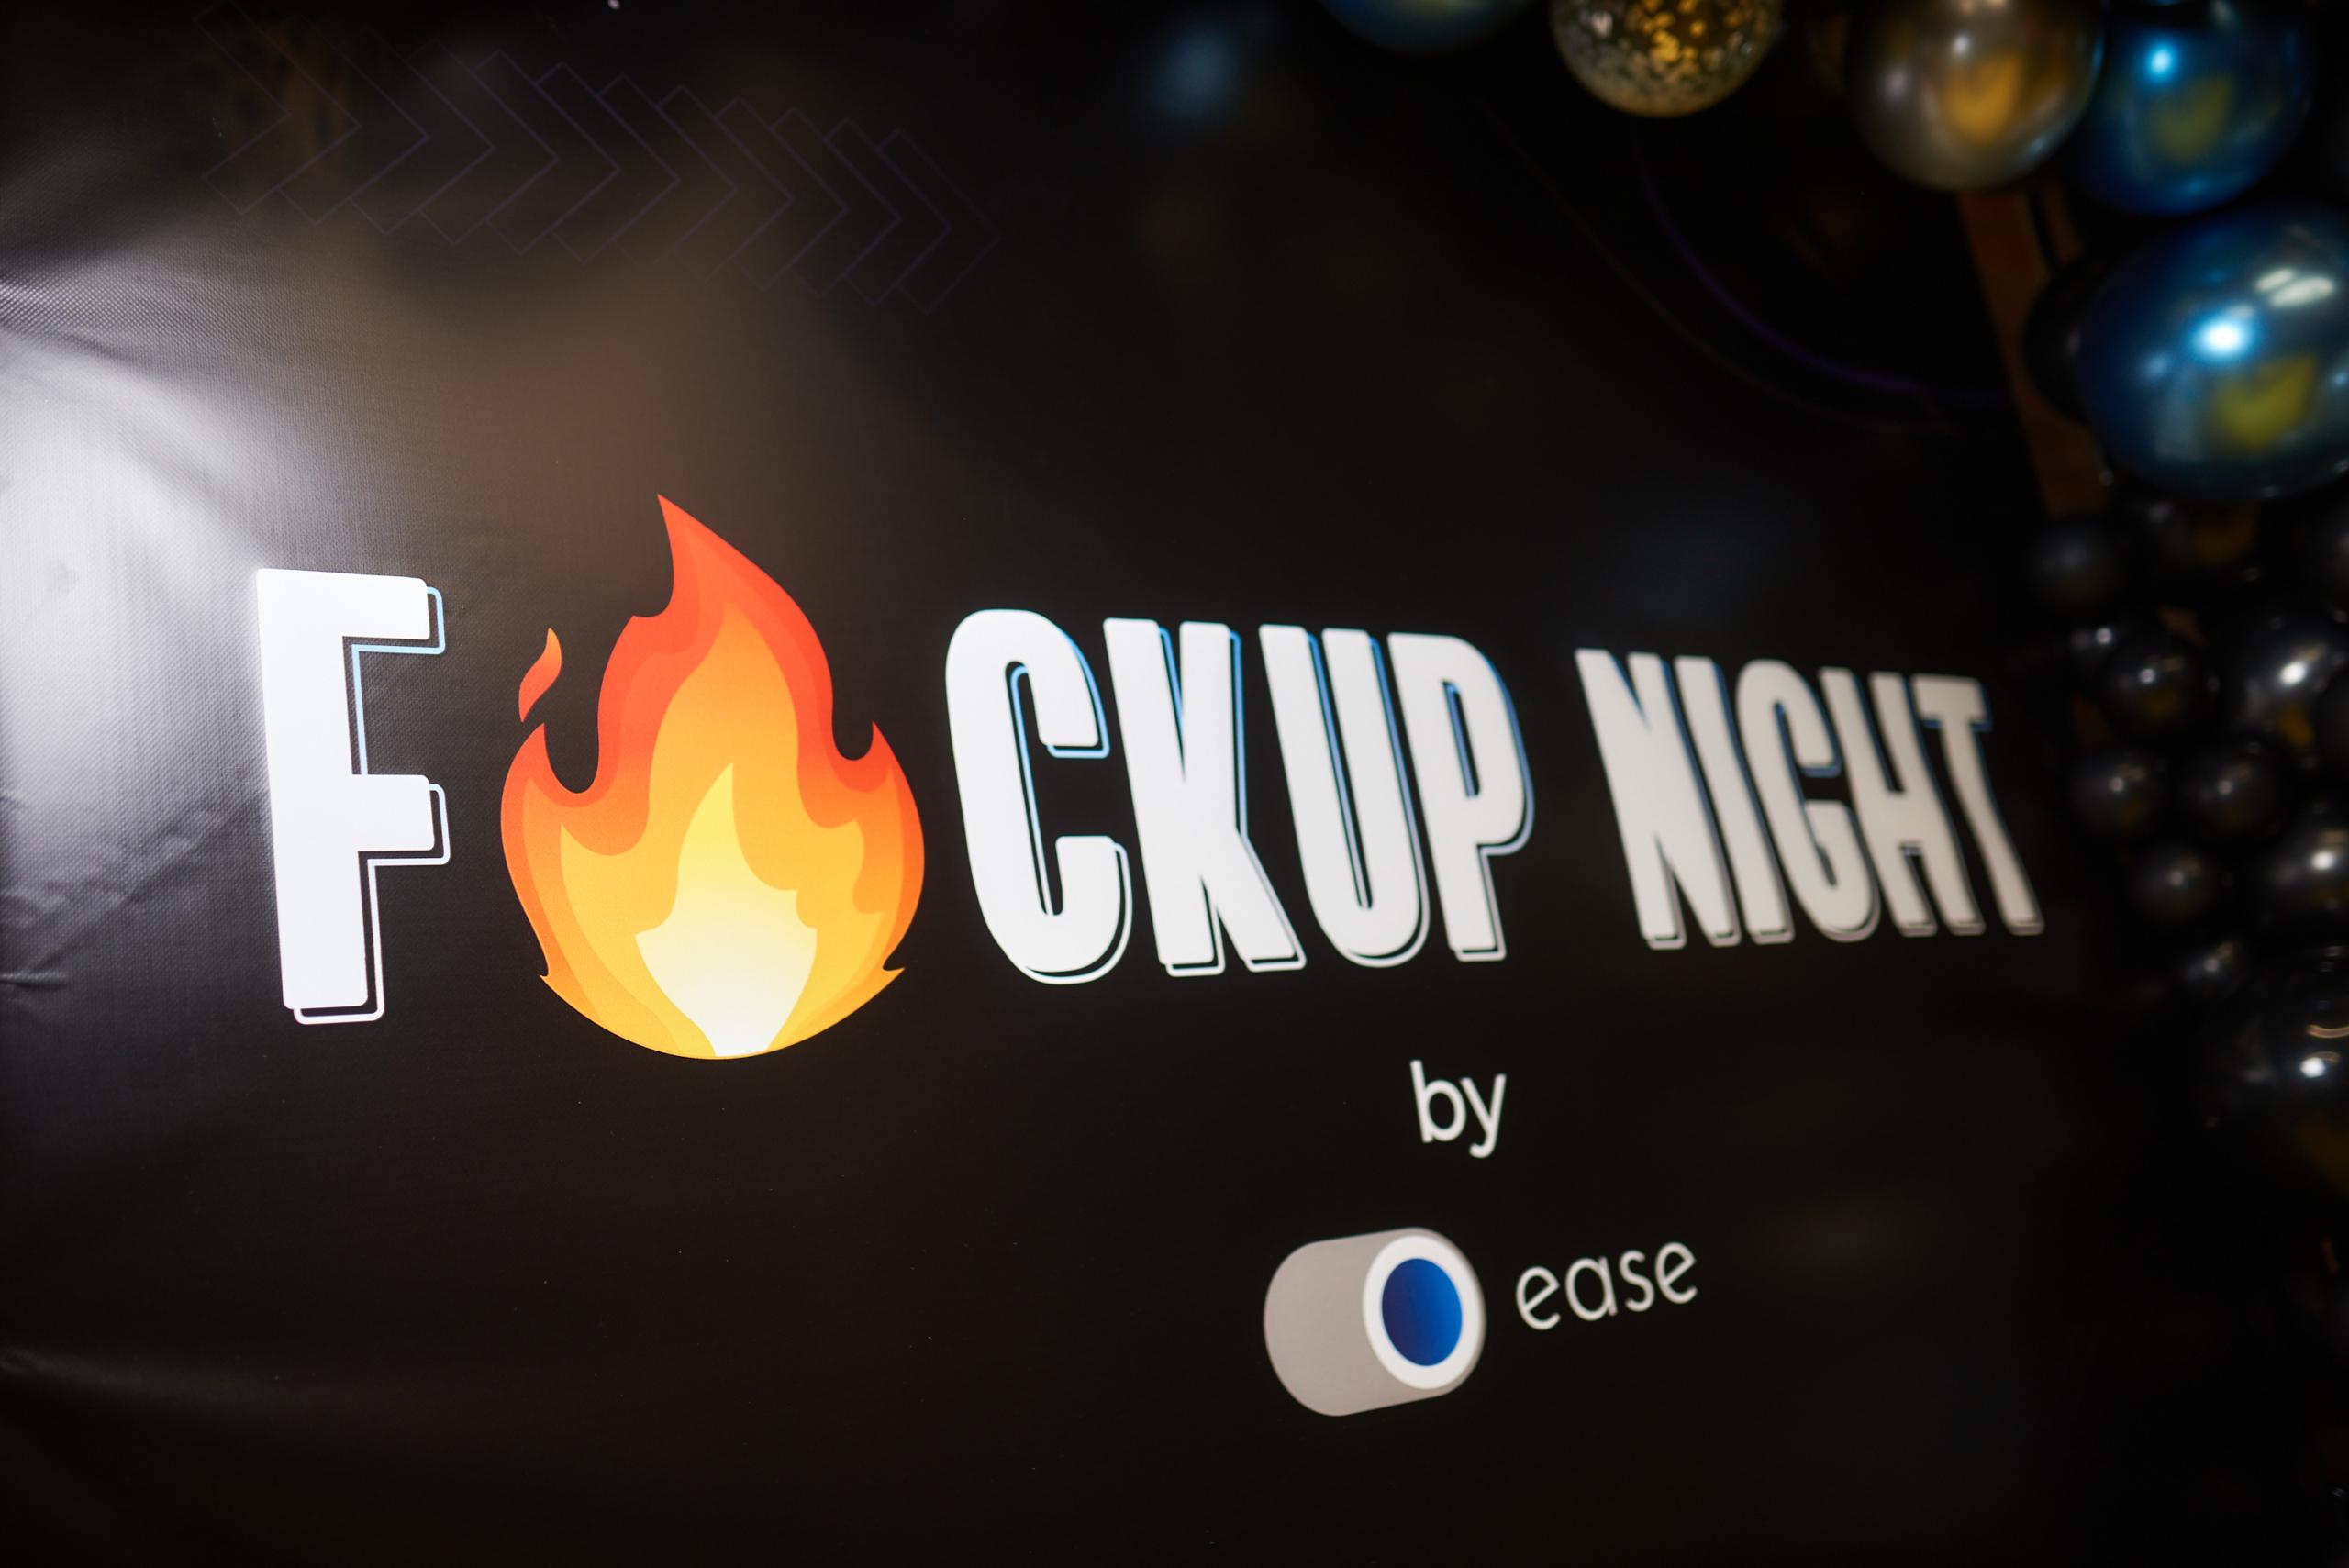 😎 FuckUp Night by EASE: Roman Kyrylovyč, Illja Rejniš i Oleksij Kostyljev pro svoї provaly